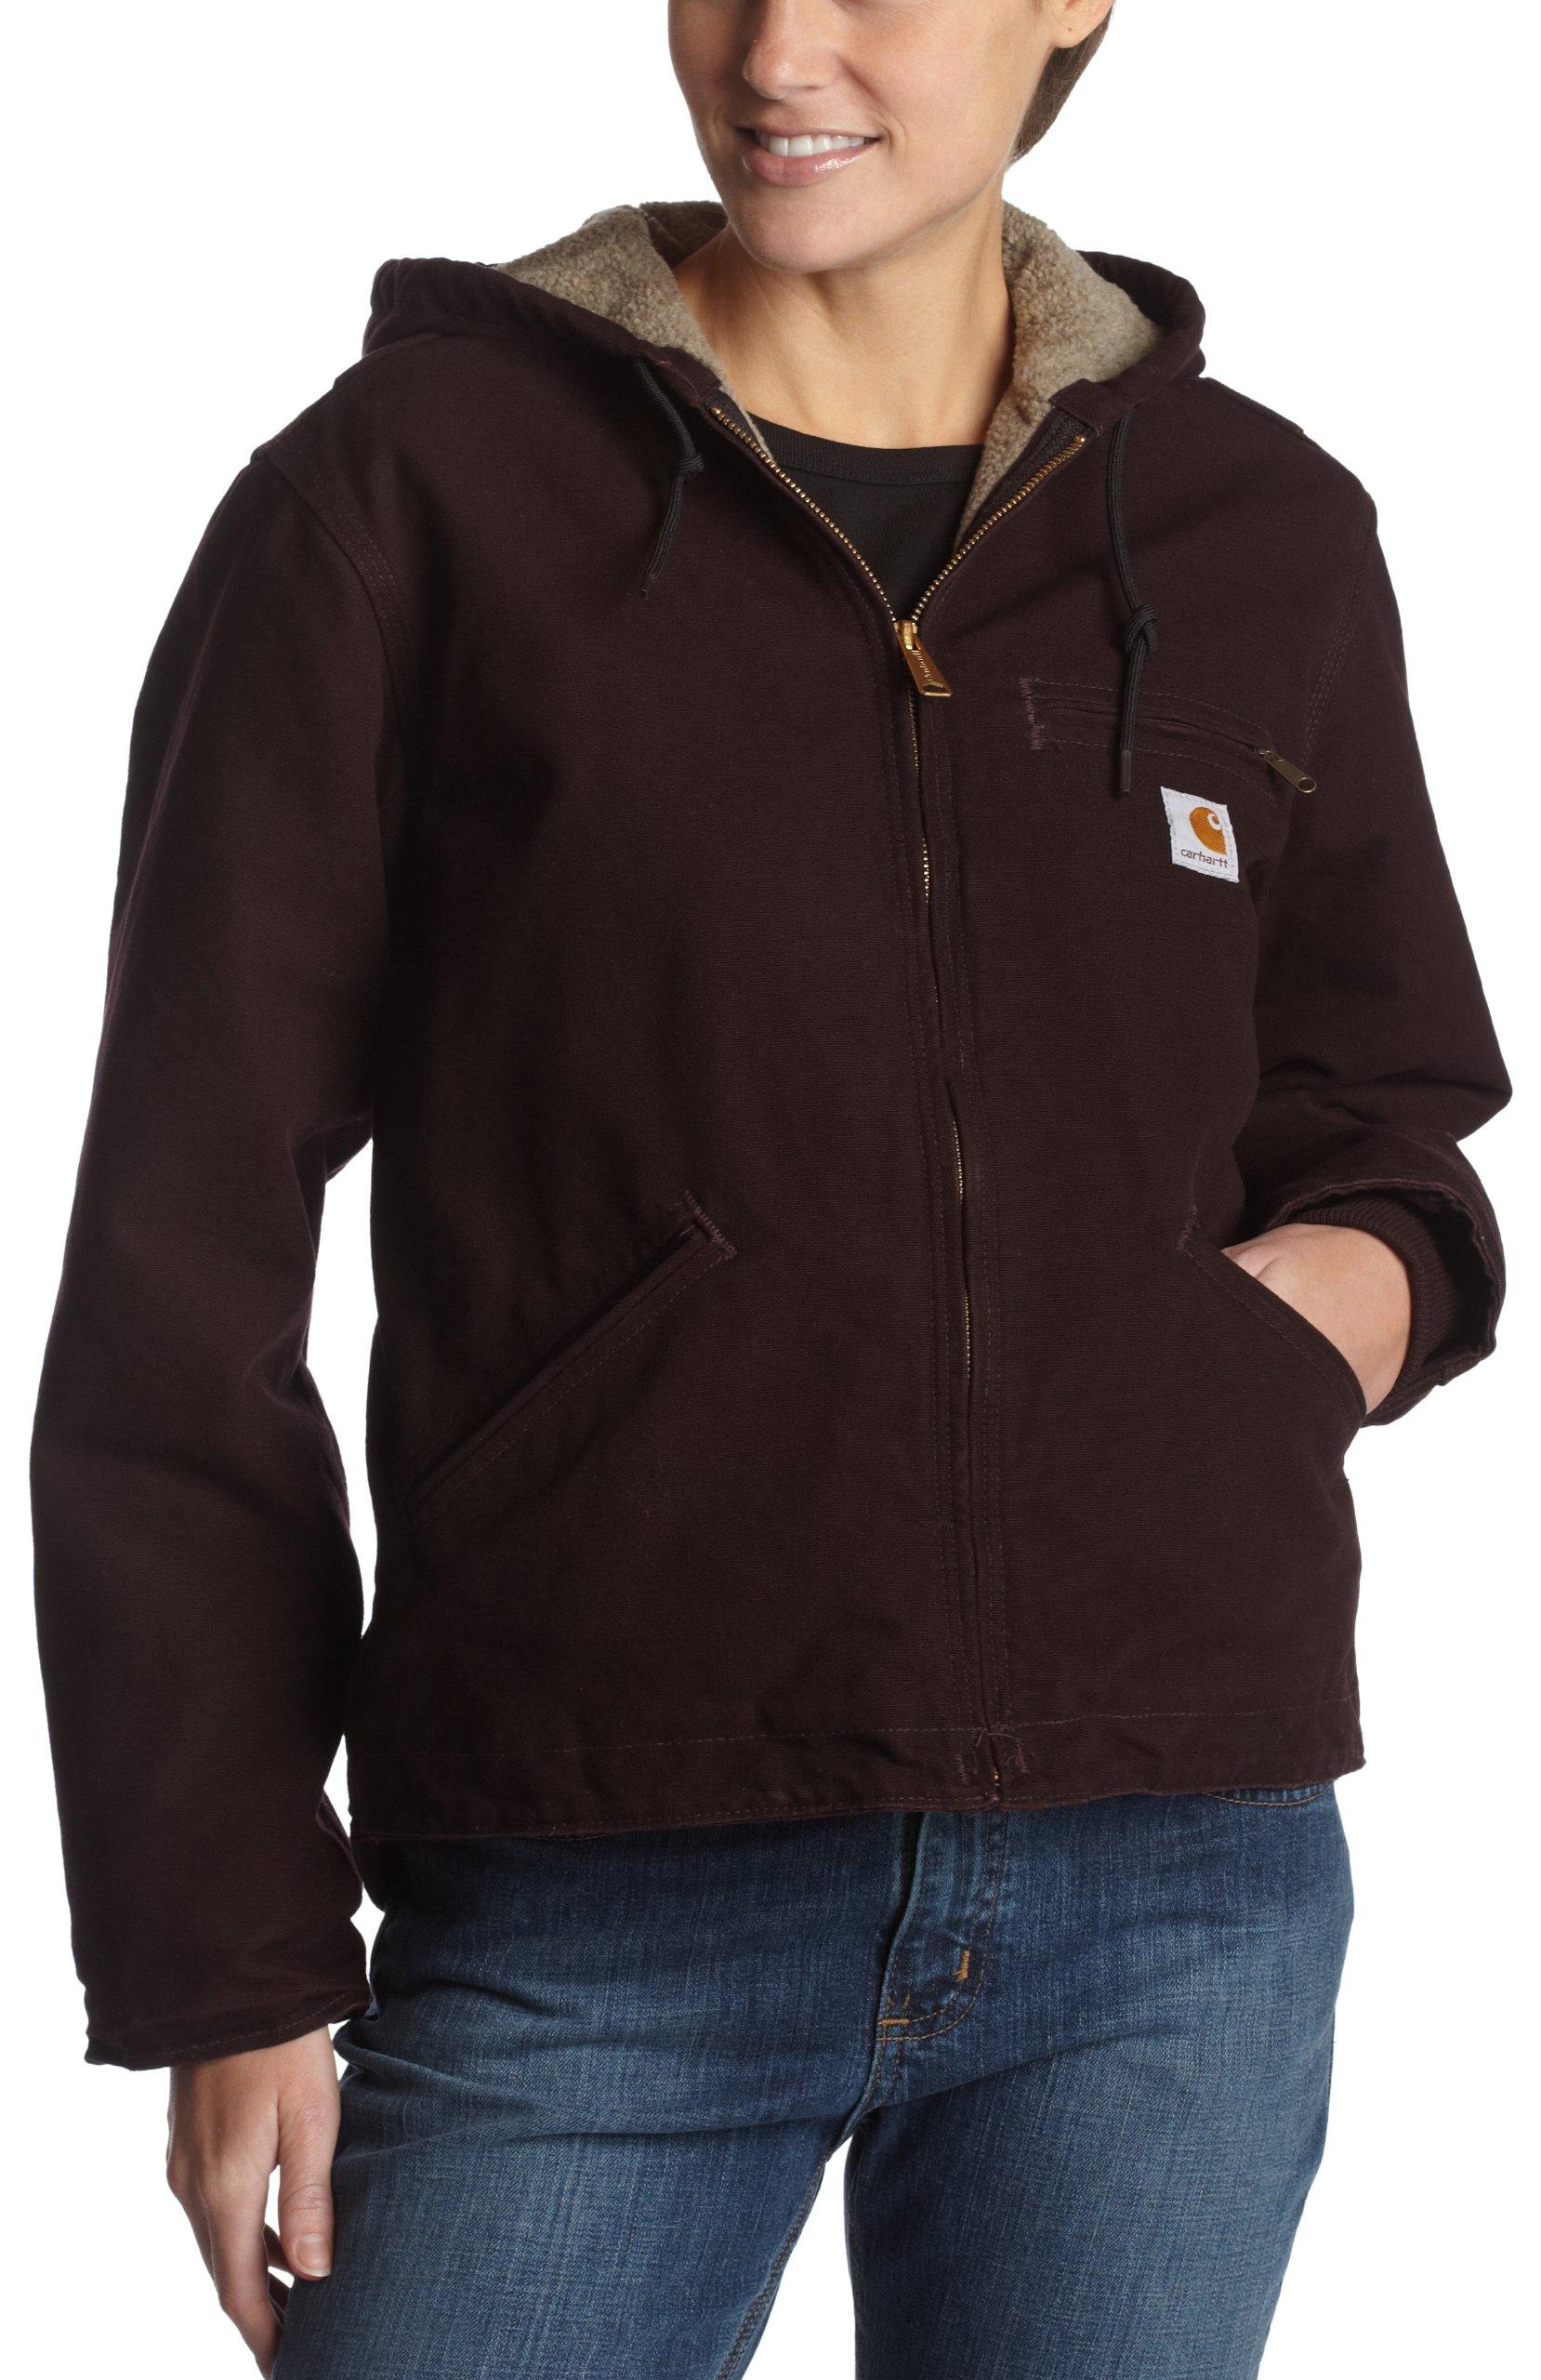 Carhartt Women's Sherpa Lined Sandstone Sierra Jacket Zip Front Hooded WJ141,Deep Wine,Medium